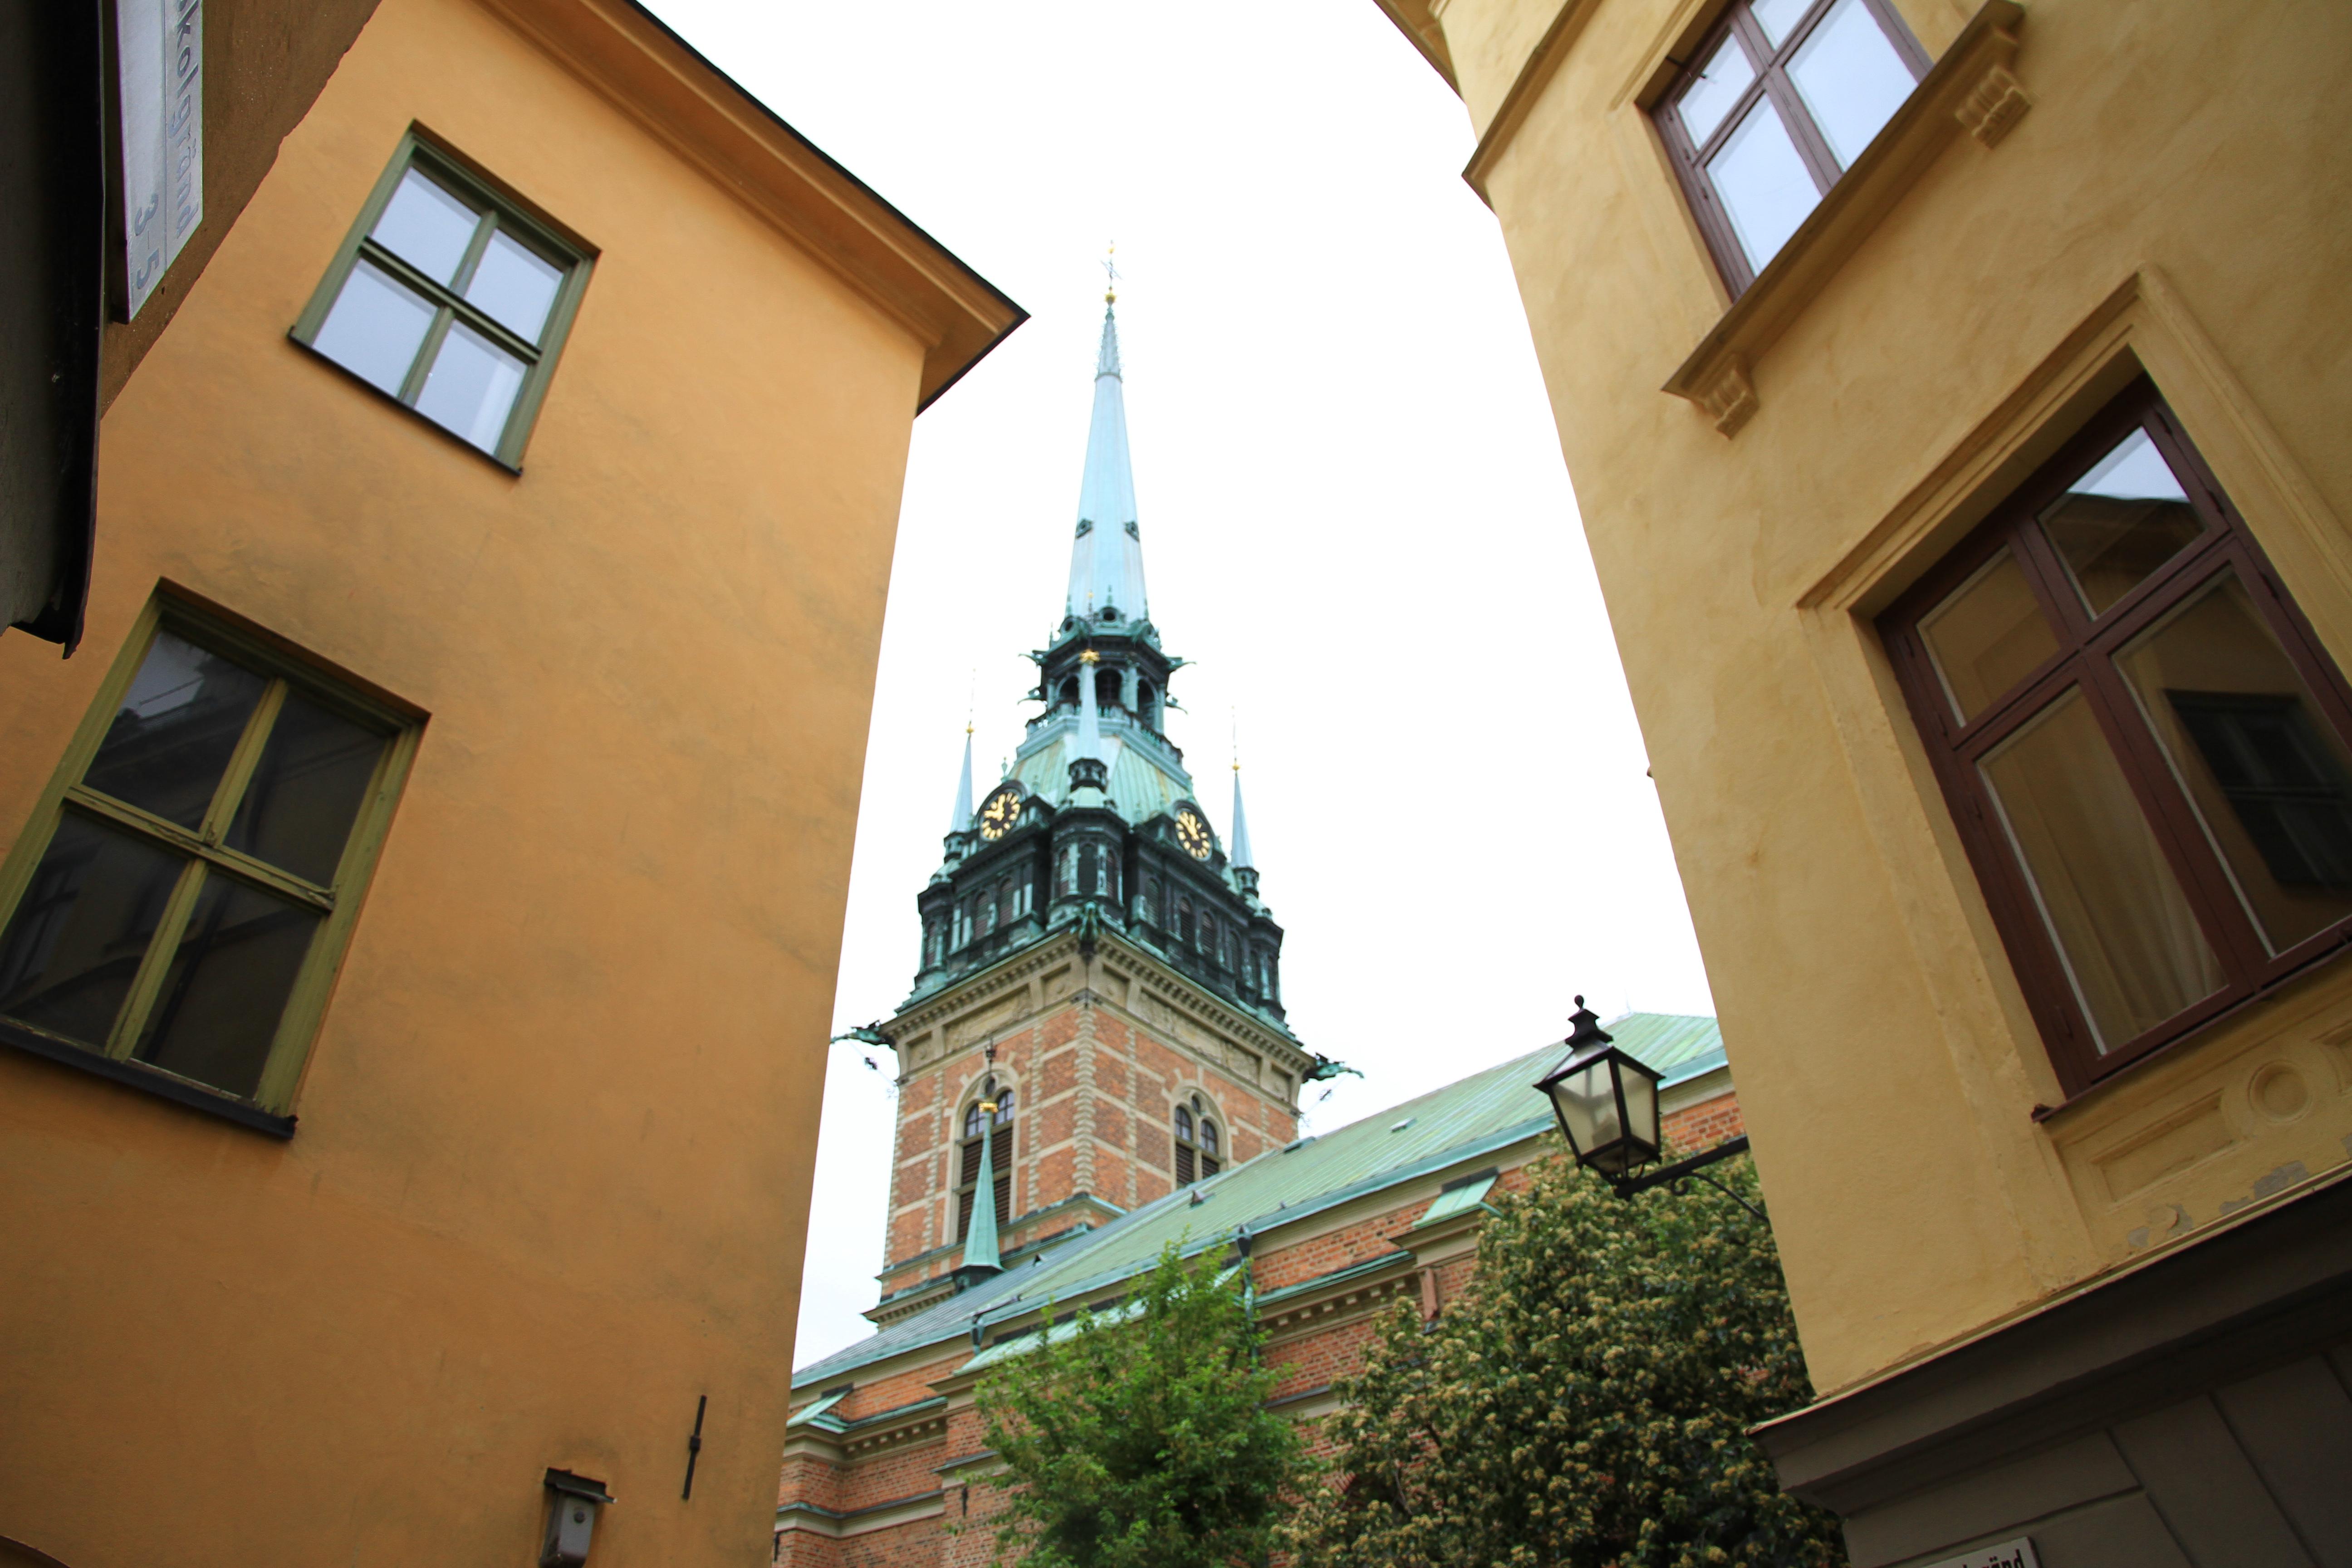 126、瑞典哥德堡:街景